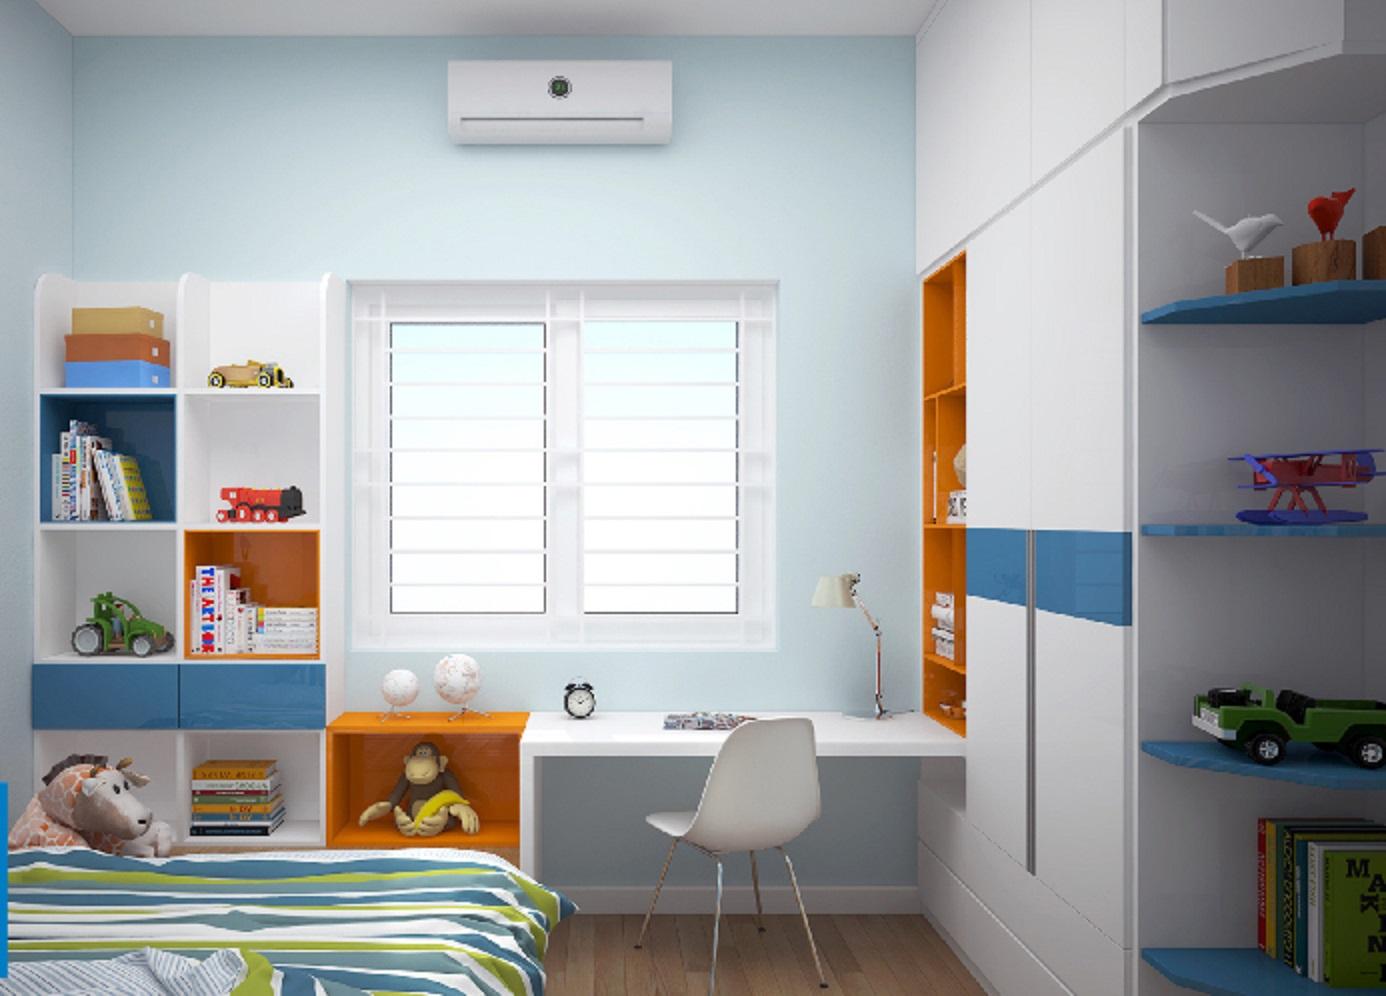 Thiết kế nội thất chung cư time city anh Hưng 2304 T11